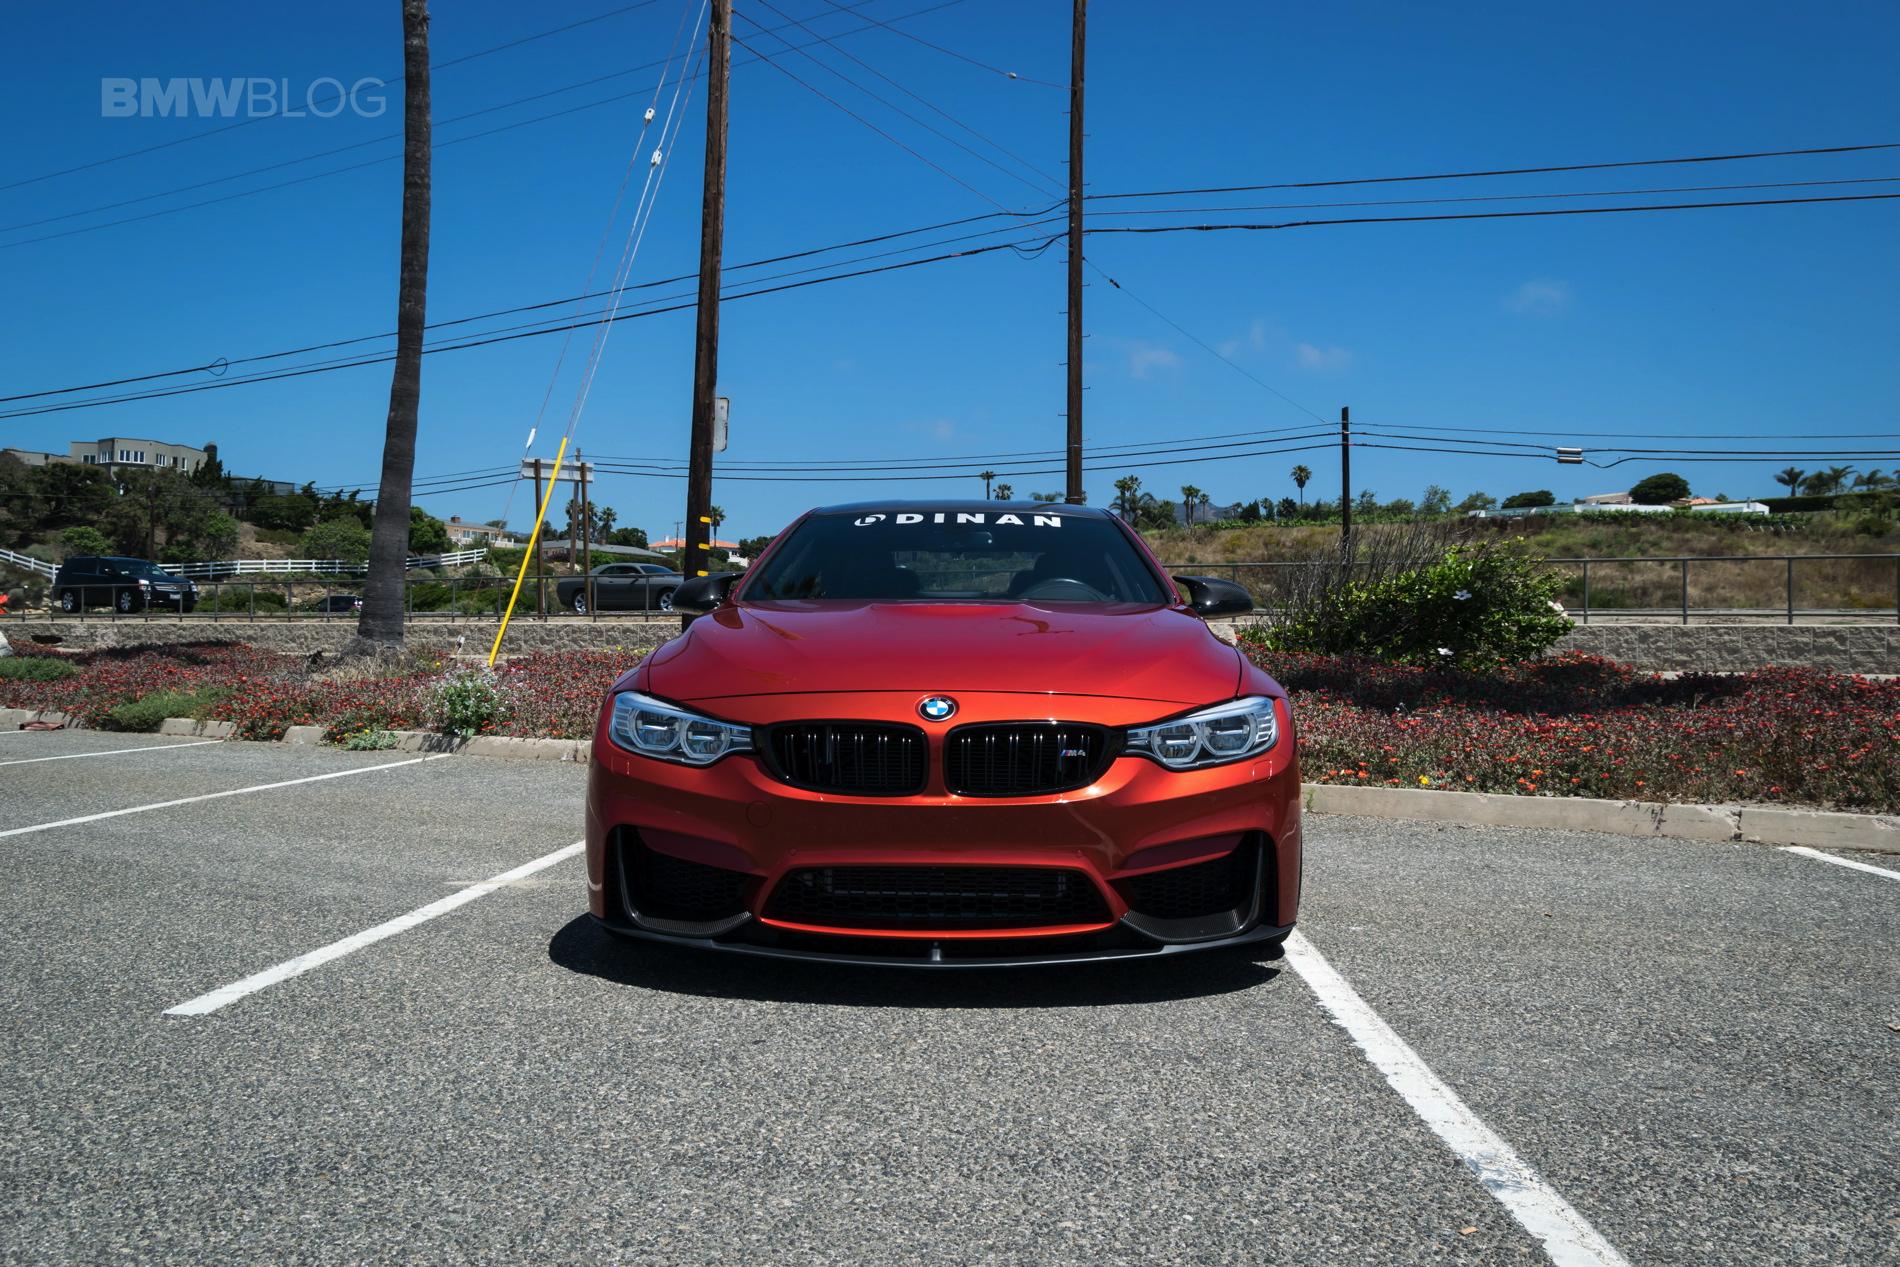 TEST DRIVE: BMW M4 Dinan S2